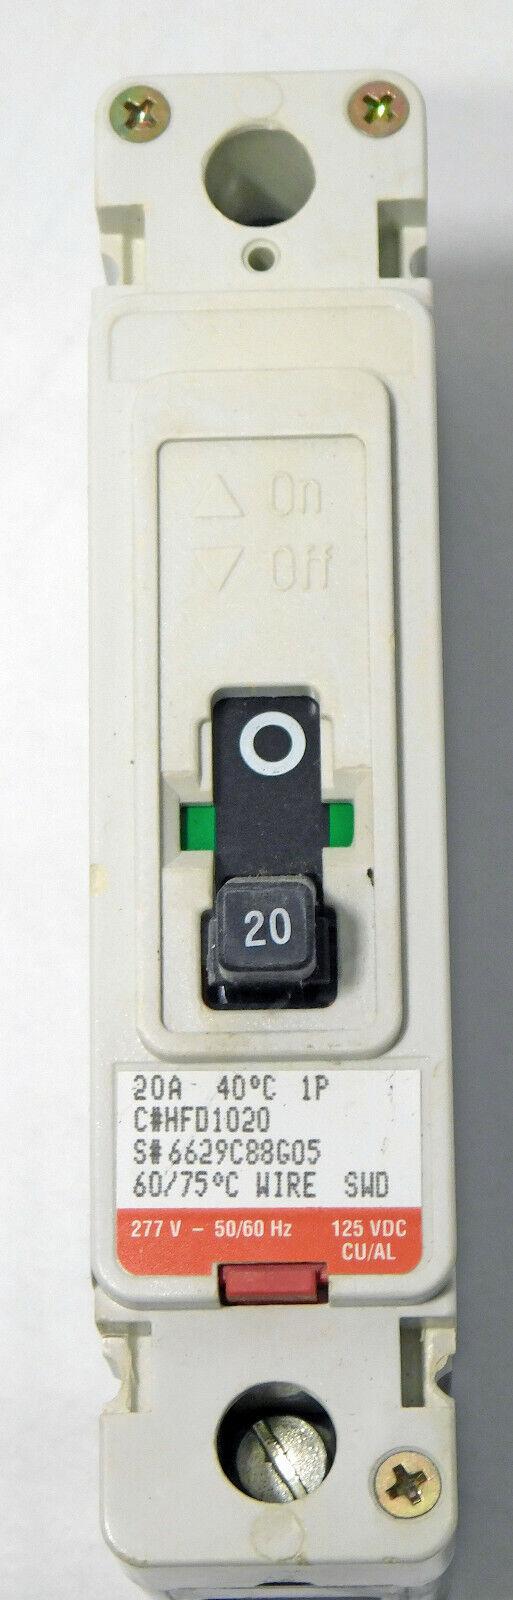 Cutler Hammer HFD1015L HFD 65k Industrial Circuit Breaker 15A 1P 277V